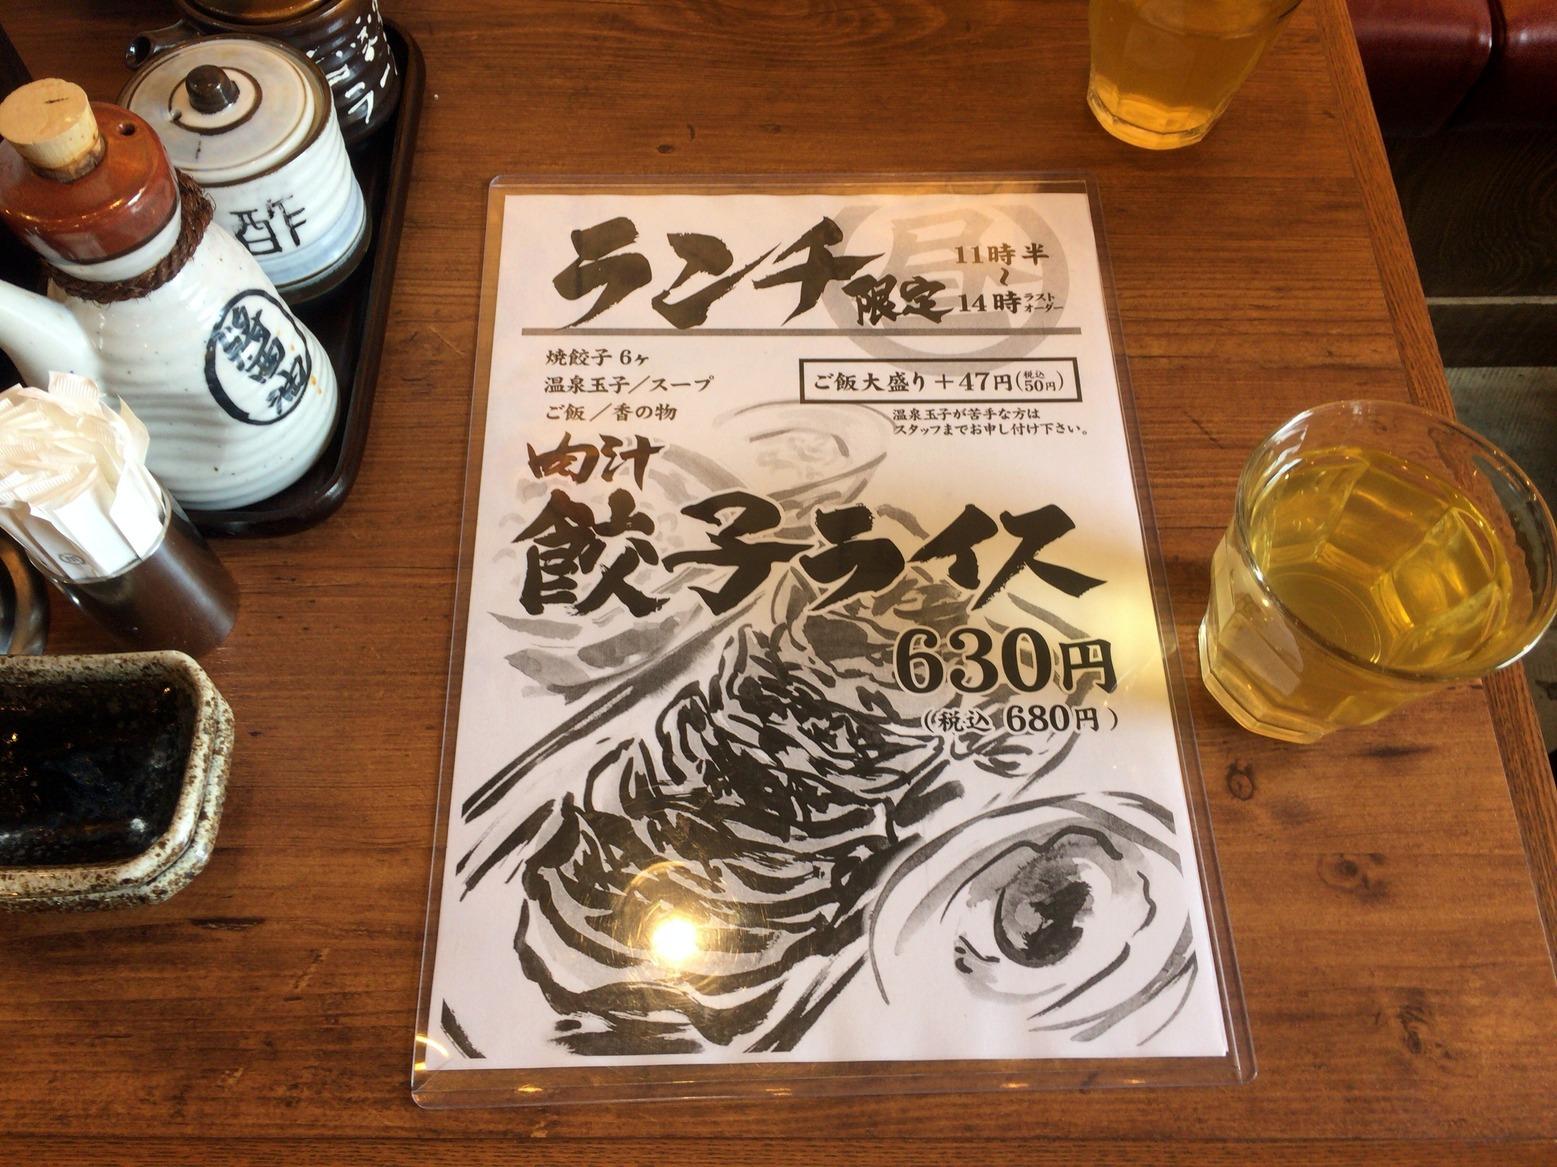 肉汁餃子製作所ダンダダン酒場 西国分寺店